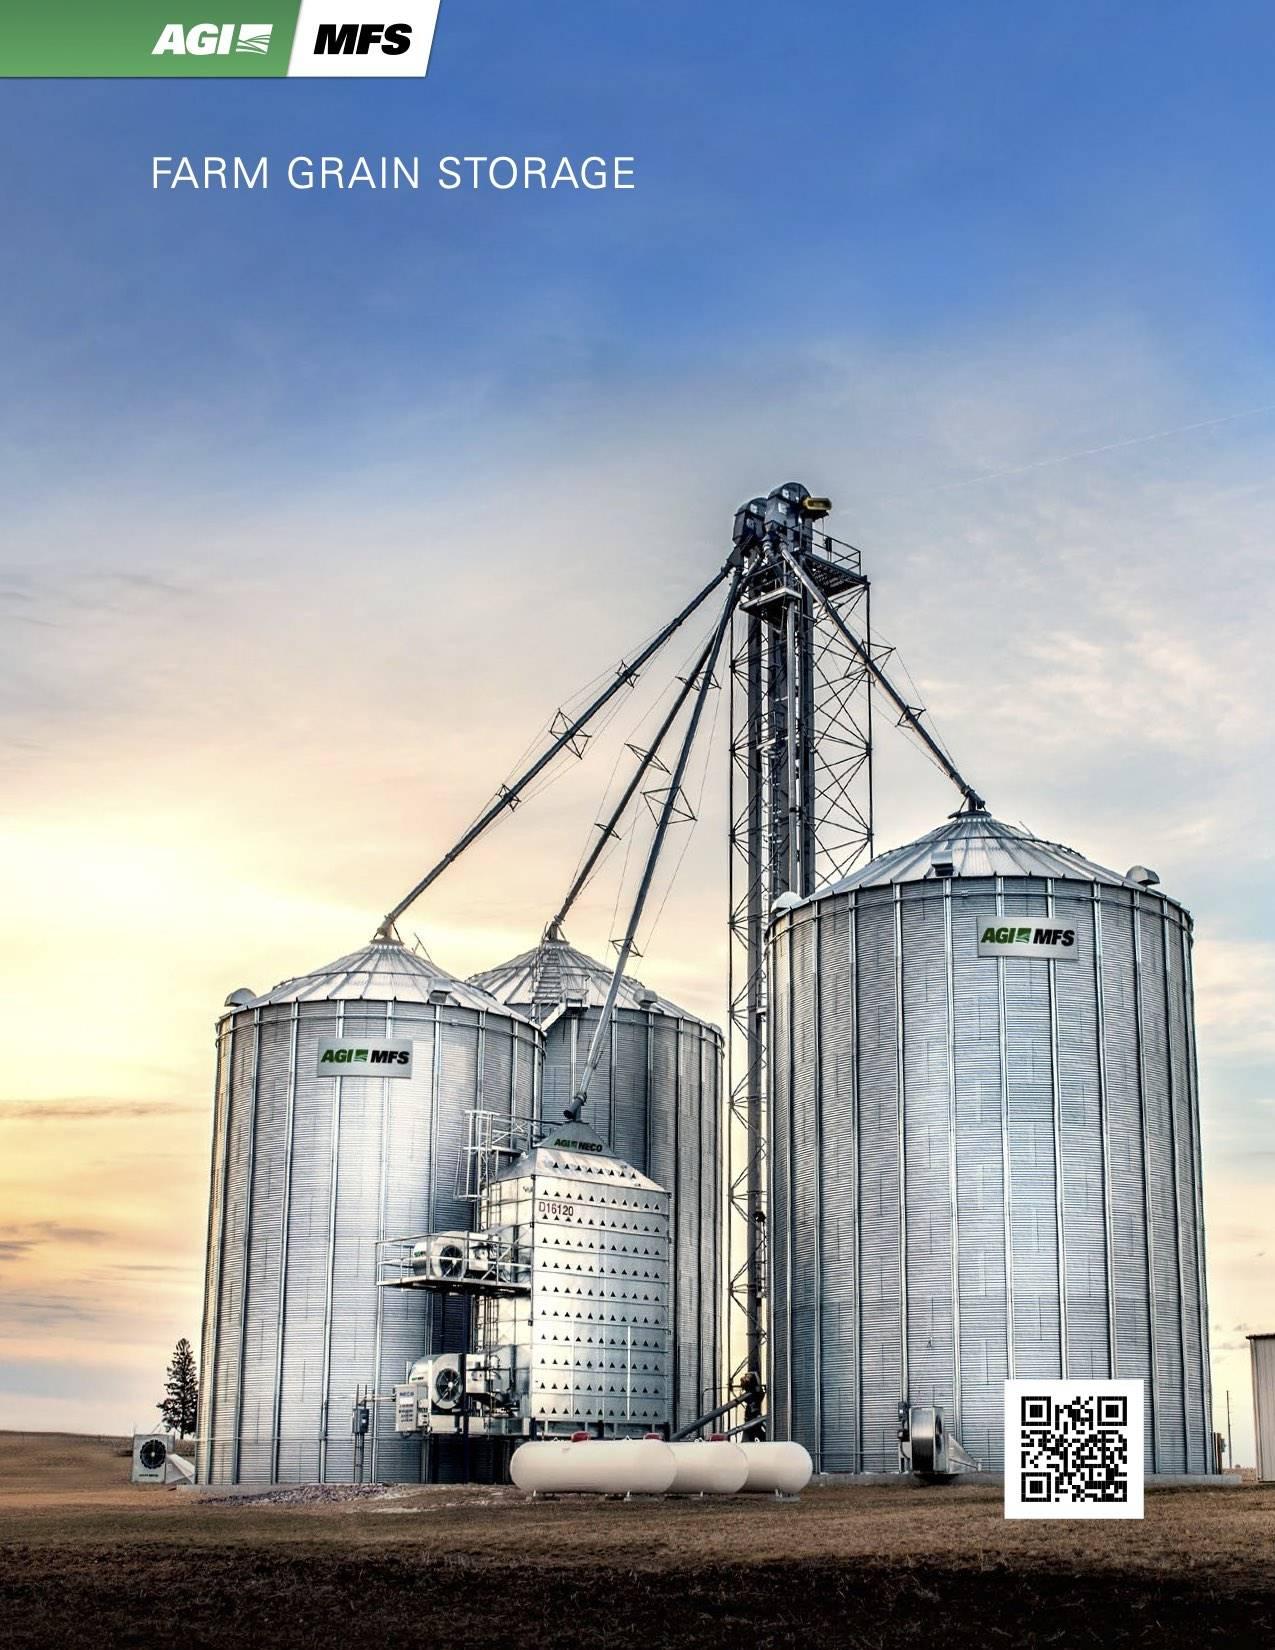 AGI-MFS Commercial Storage Bins